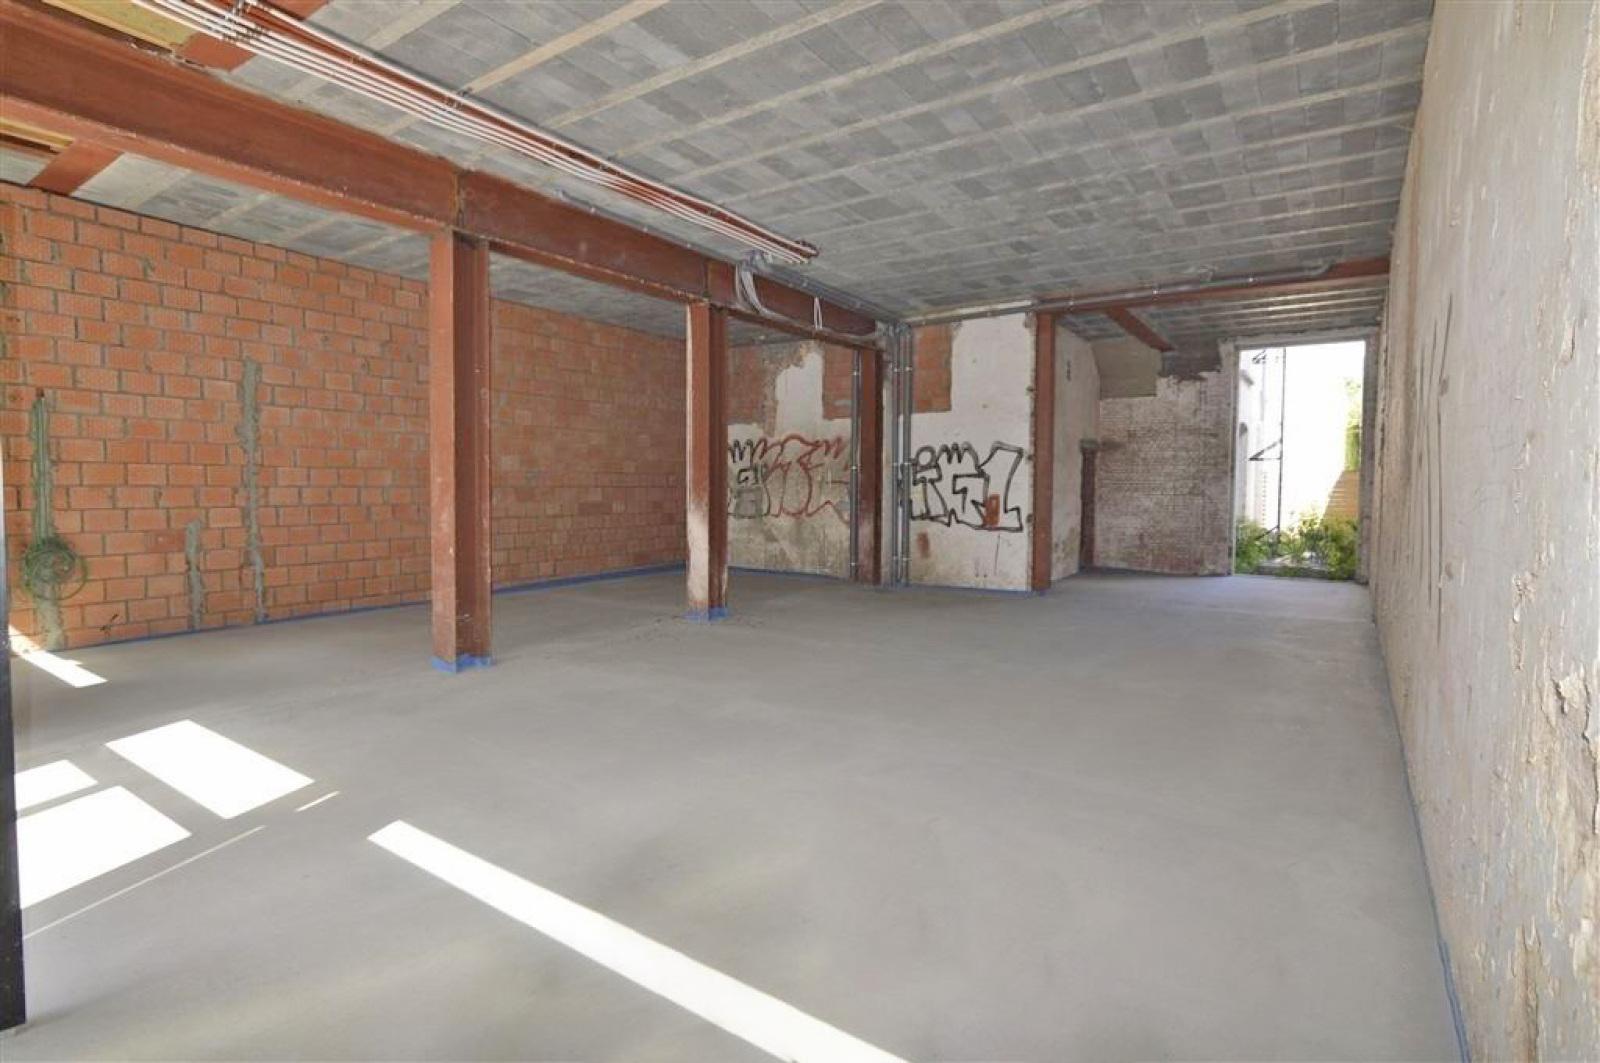 Mooie handelsruimte (128m²) met riante kelder (70m²) aan de Marnixplaats te Antwerpen! afbeelding 4